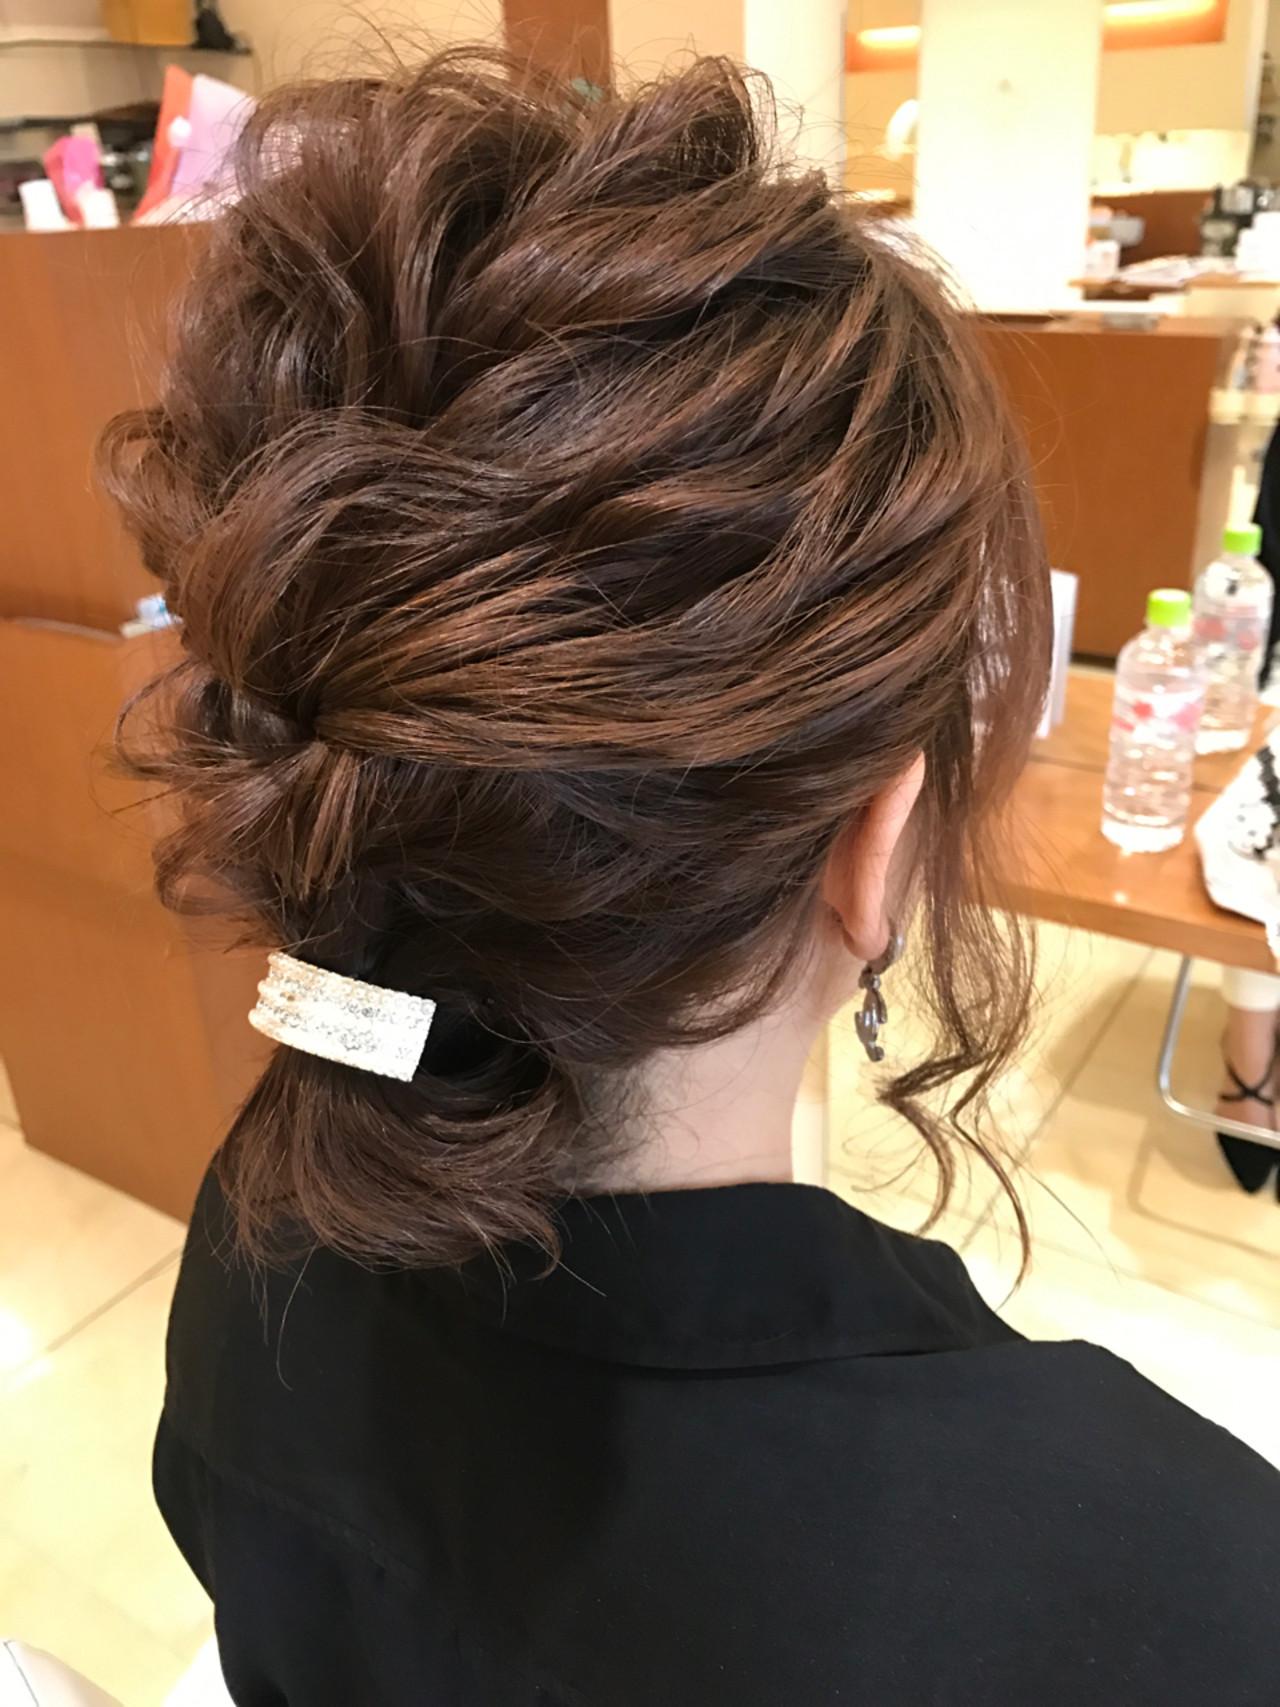 簡単ヘアアレンジ ハーフアップ ショート 結婚式 ヘアスタイルや髪型の写真・画像